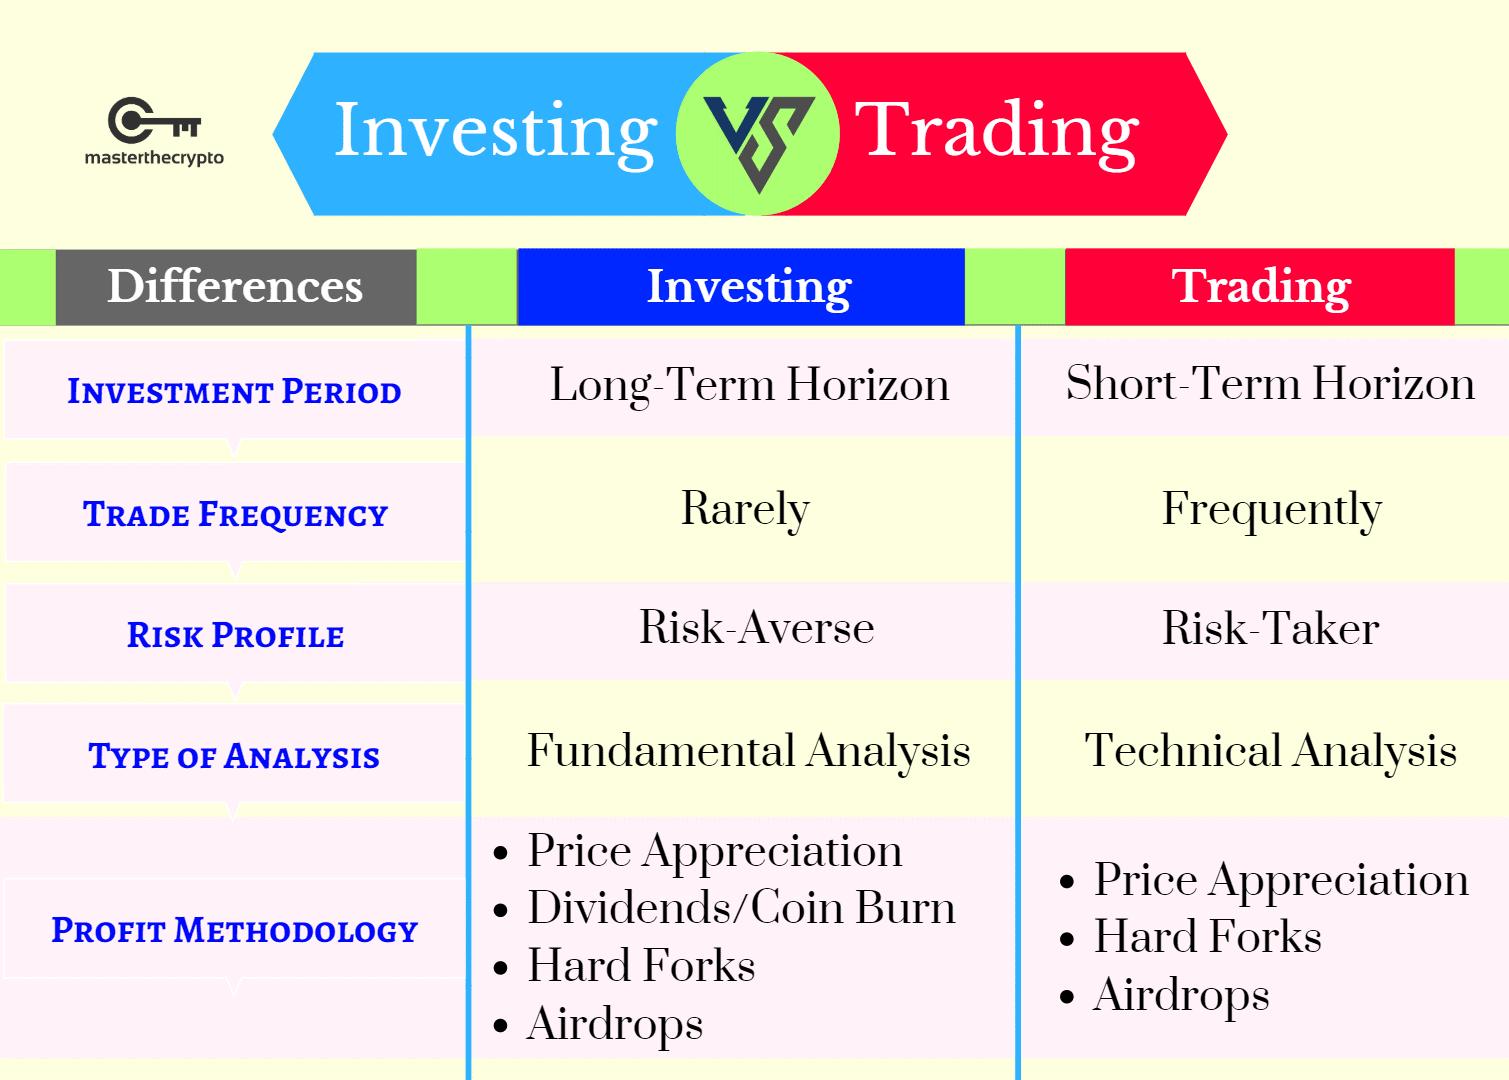 Crypto portfolio, 4 types of coin, diversify crypto portfolio, manage risks, 4 Types of Coins to Diversify Your Crypto Portfolio